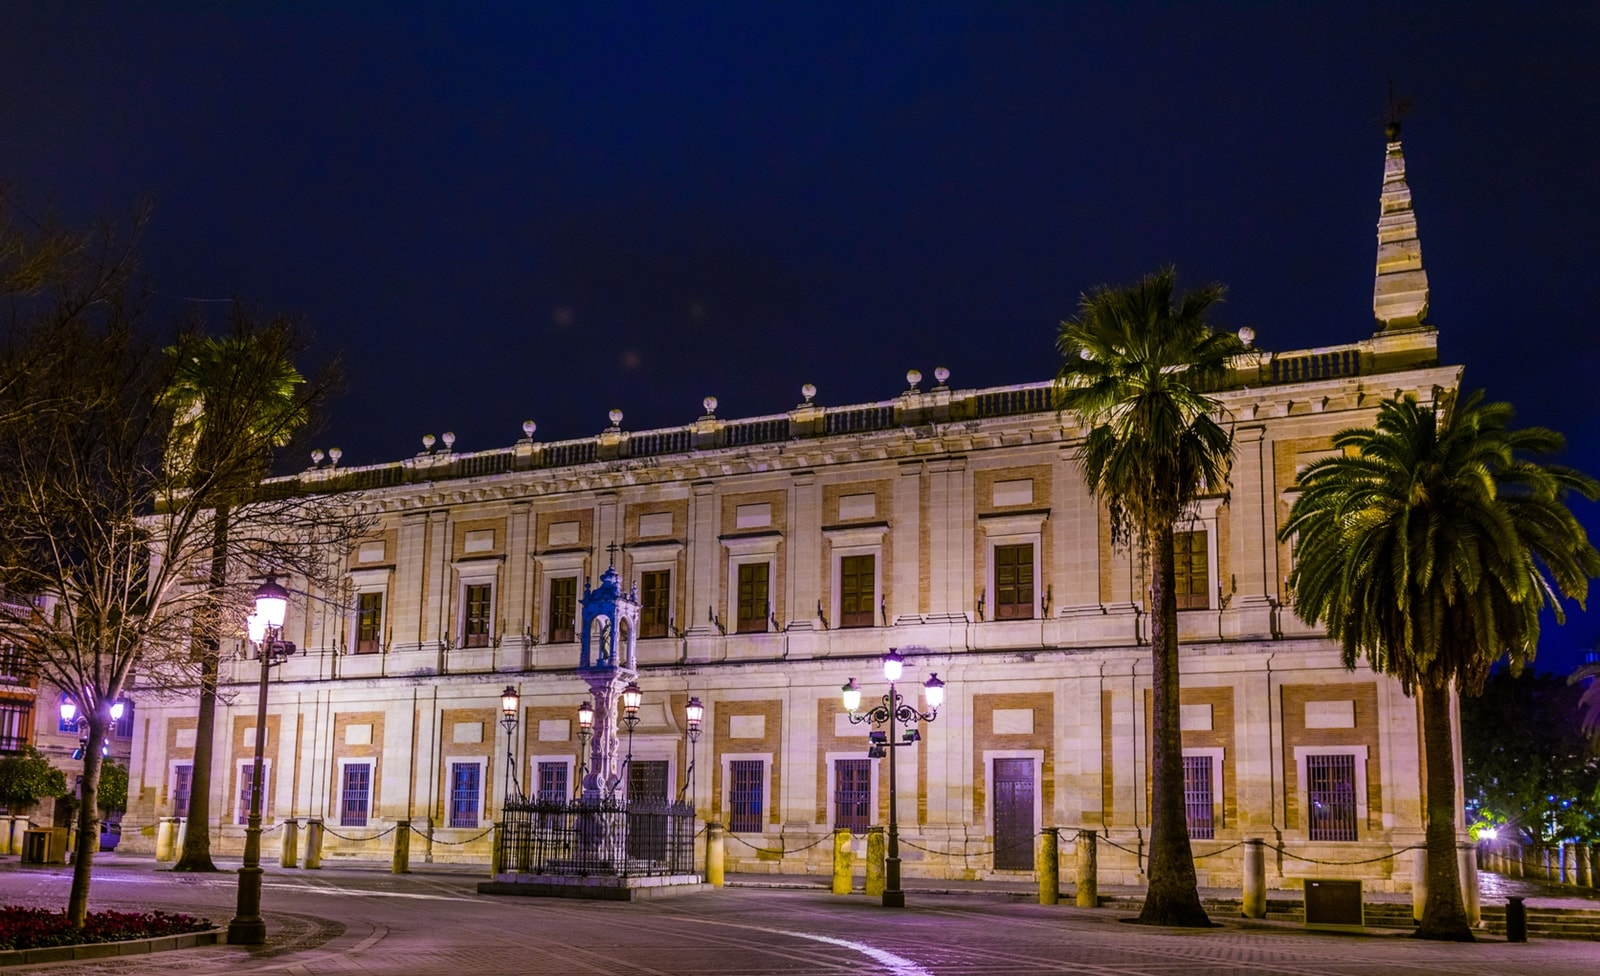 Archivgebäude in Sevilla